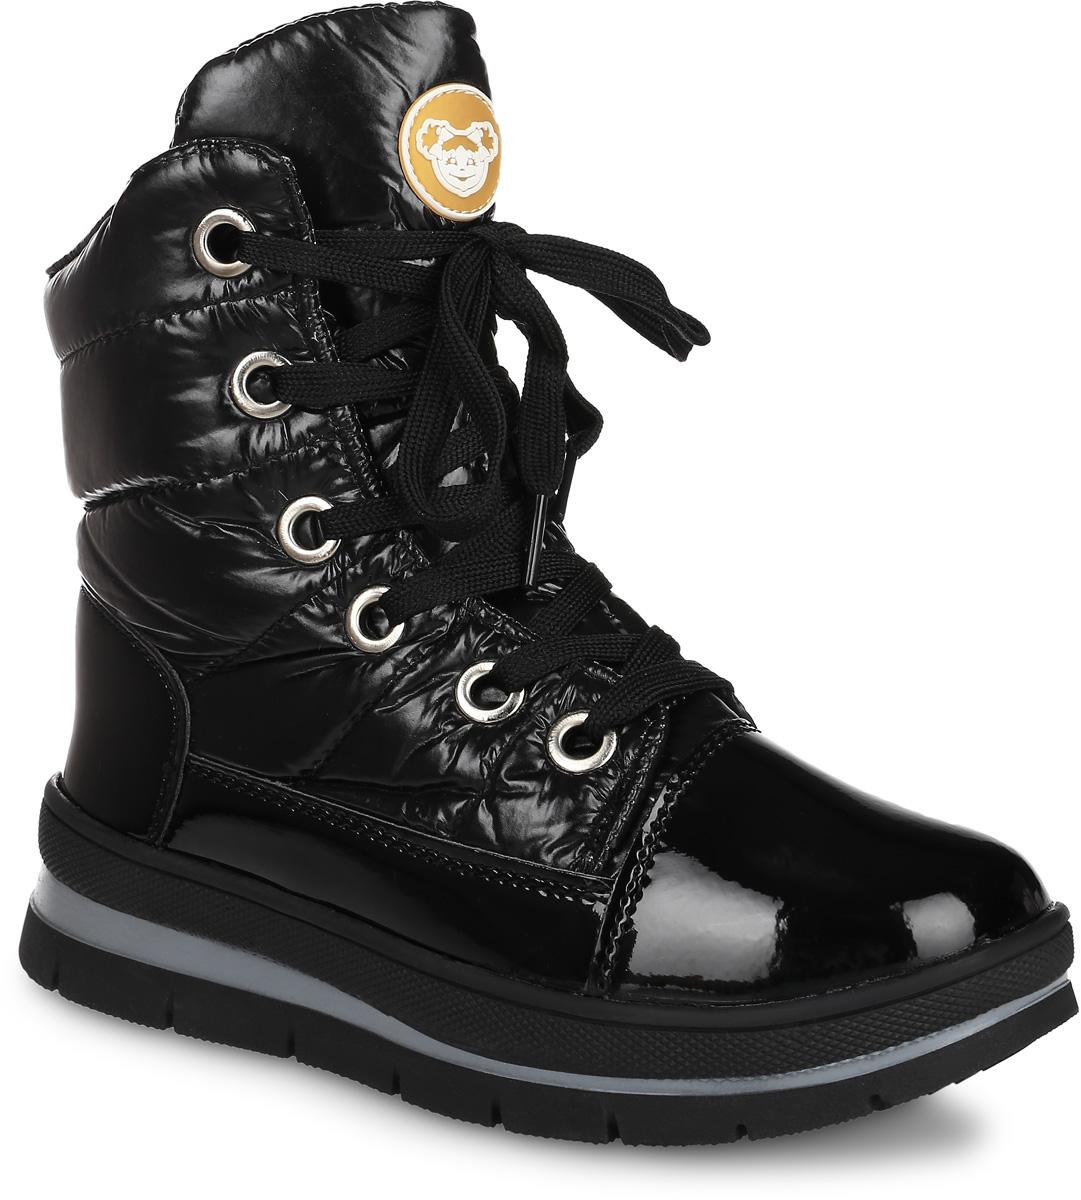 6101B_BLACKДутики в виде ботинок от Mon Ami выполнены из водонепроницаемого текстиля и укреплены по низу вставкой из искусственной лаковой кожи. Модель на шнуровке, боковая сторона дополнена застежкой-молнией, при помощи которой регулируется объем голенища. Подкладка и стелька изготовлены из искусственного меха. Подошва из полимерного термопластичного материала оснащена рифлением.